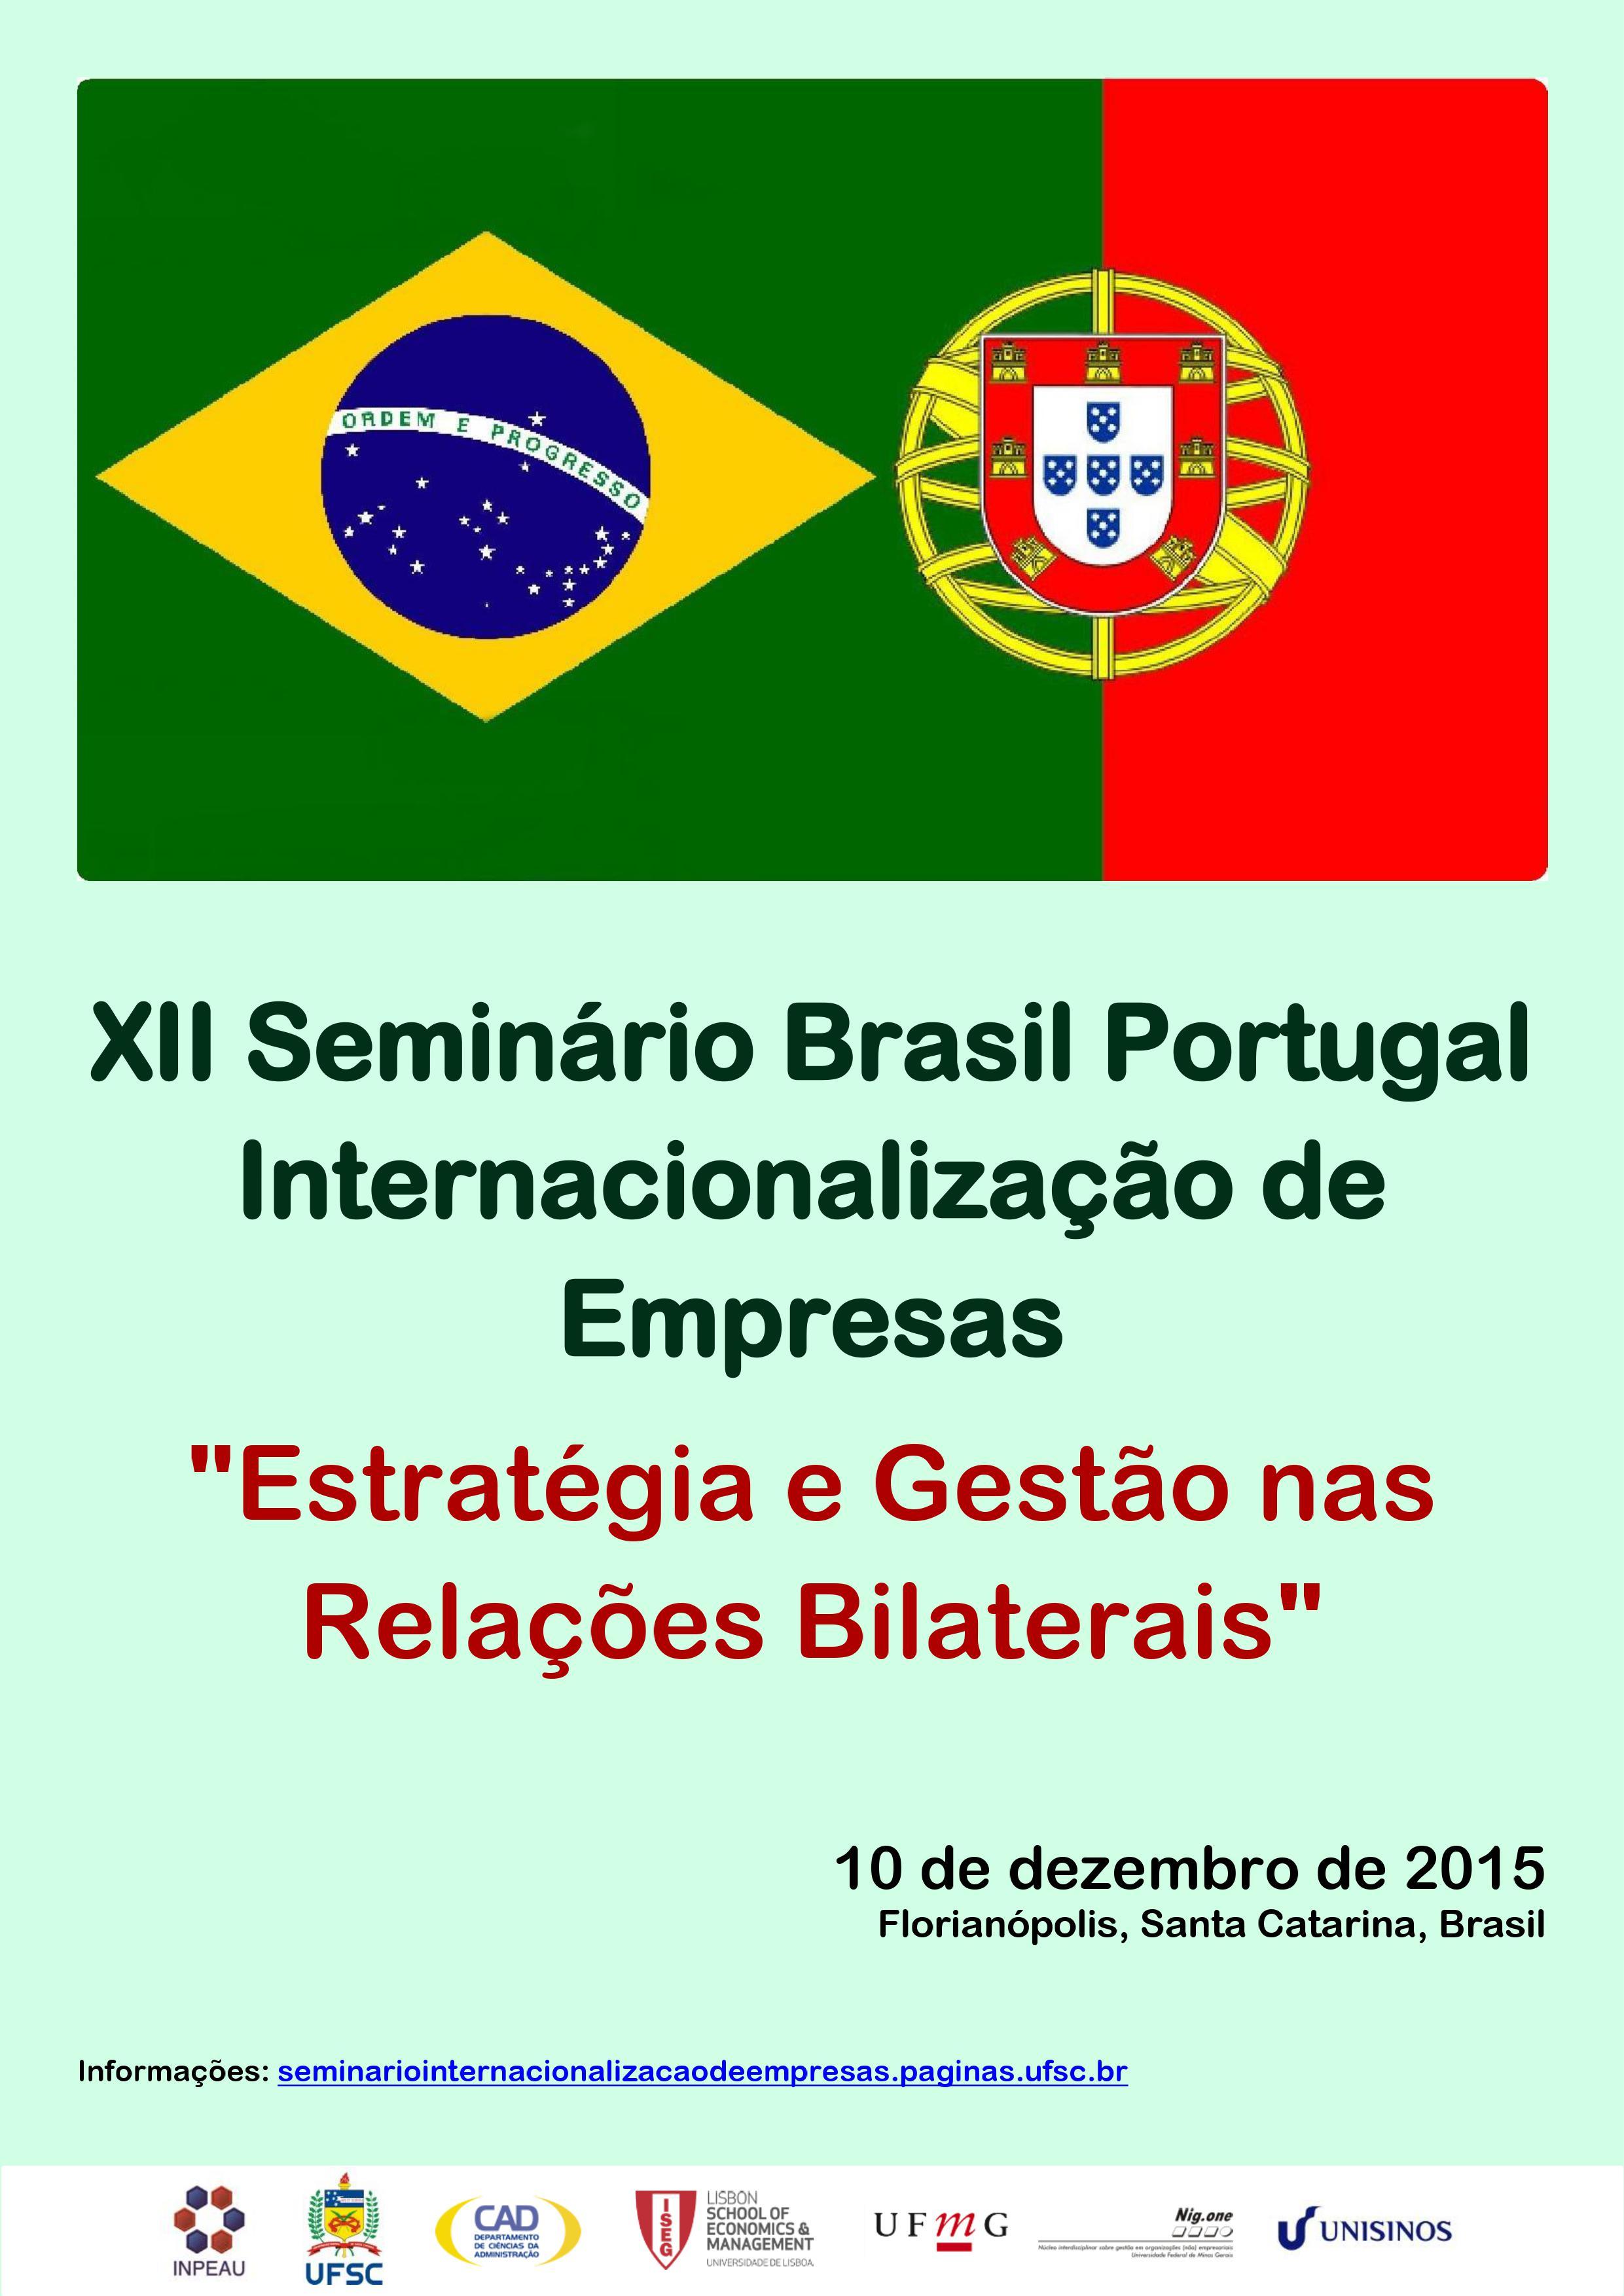 brasilportugal2015